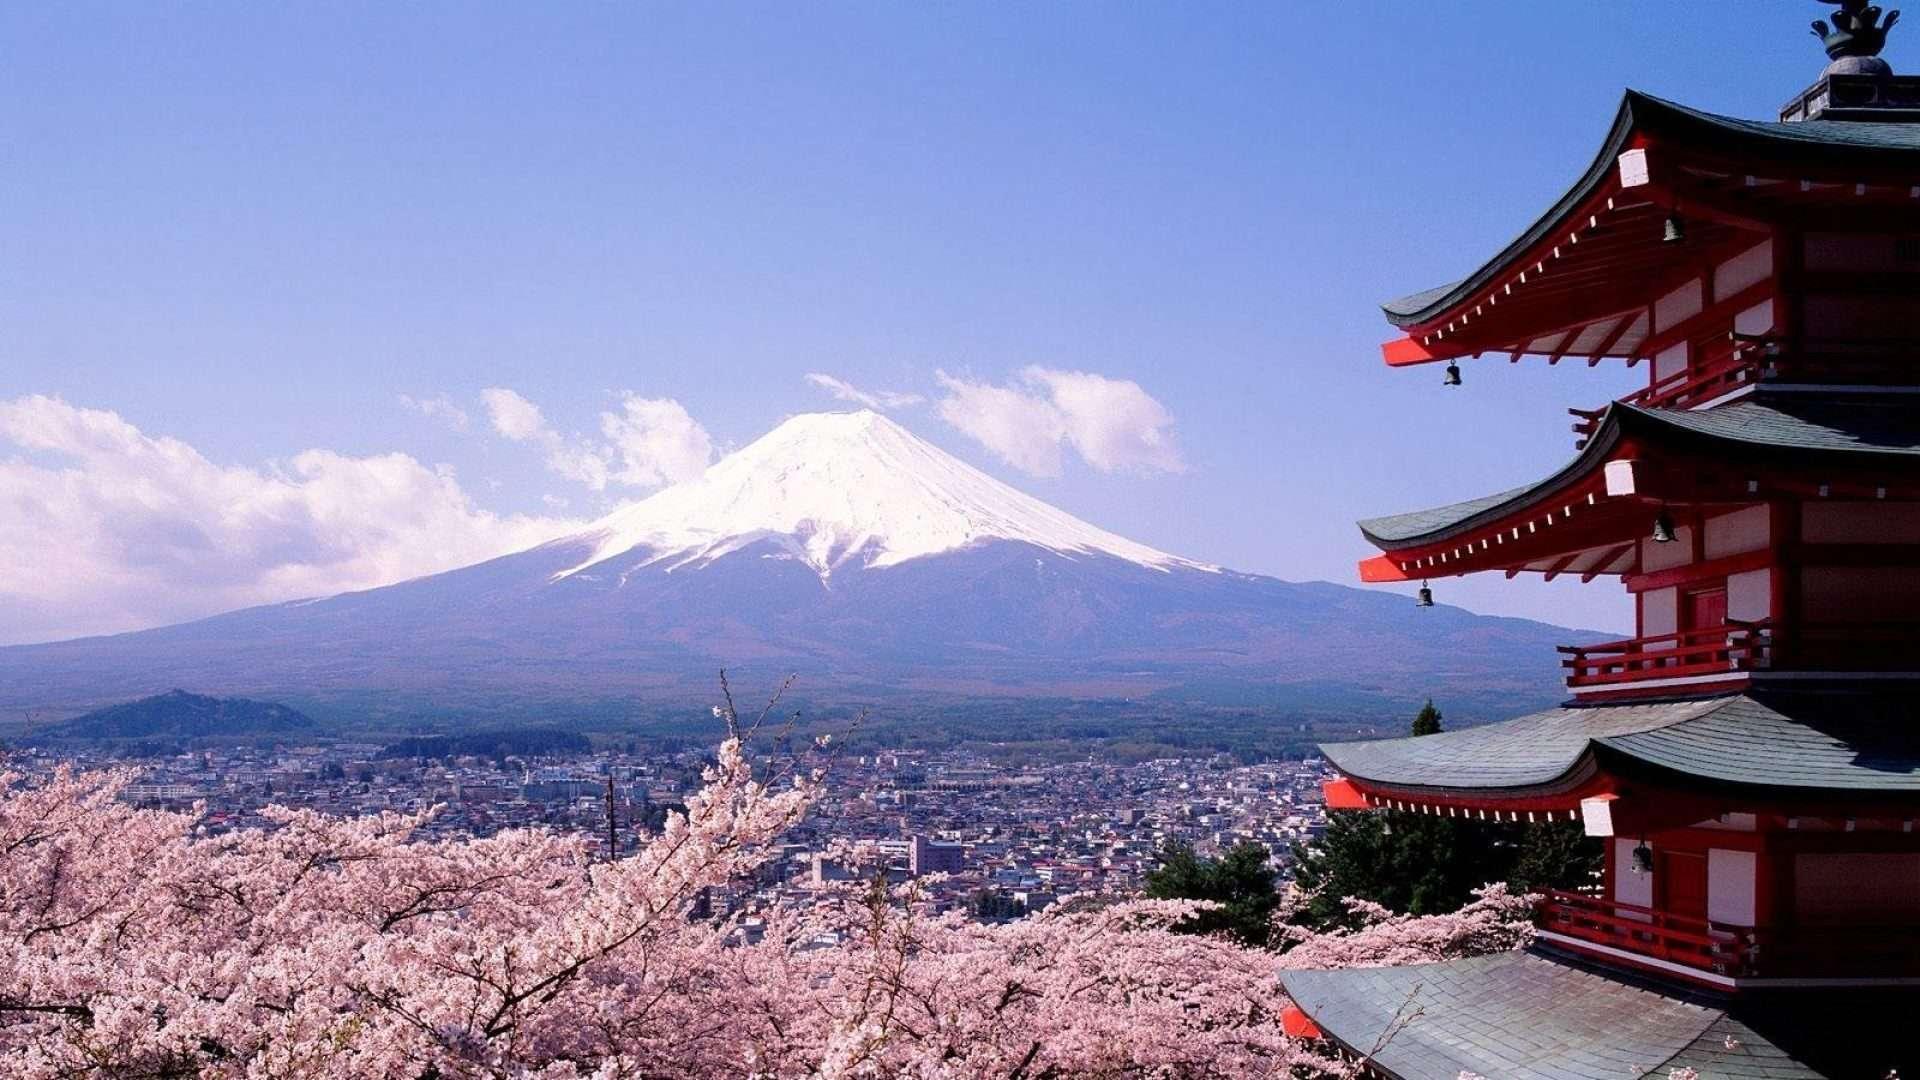 Dónde alojarse en Tokio: las mejores zonas para dormir